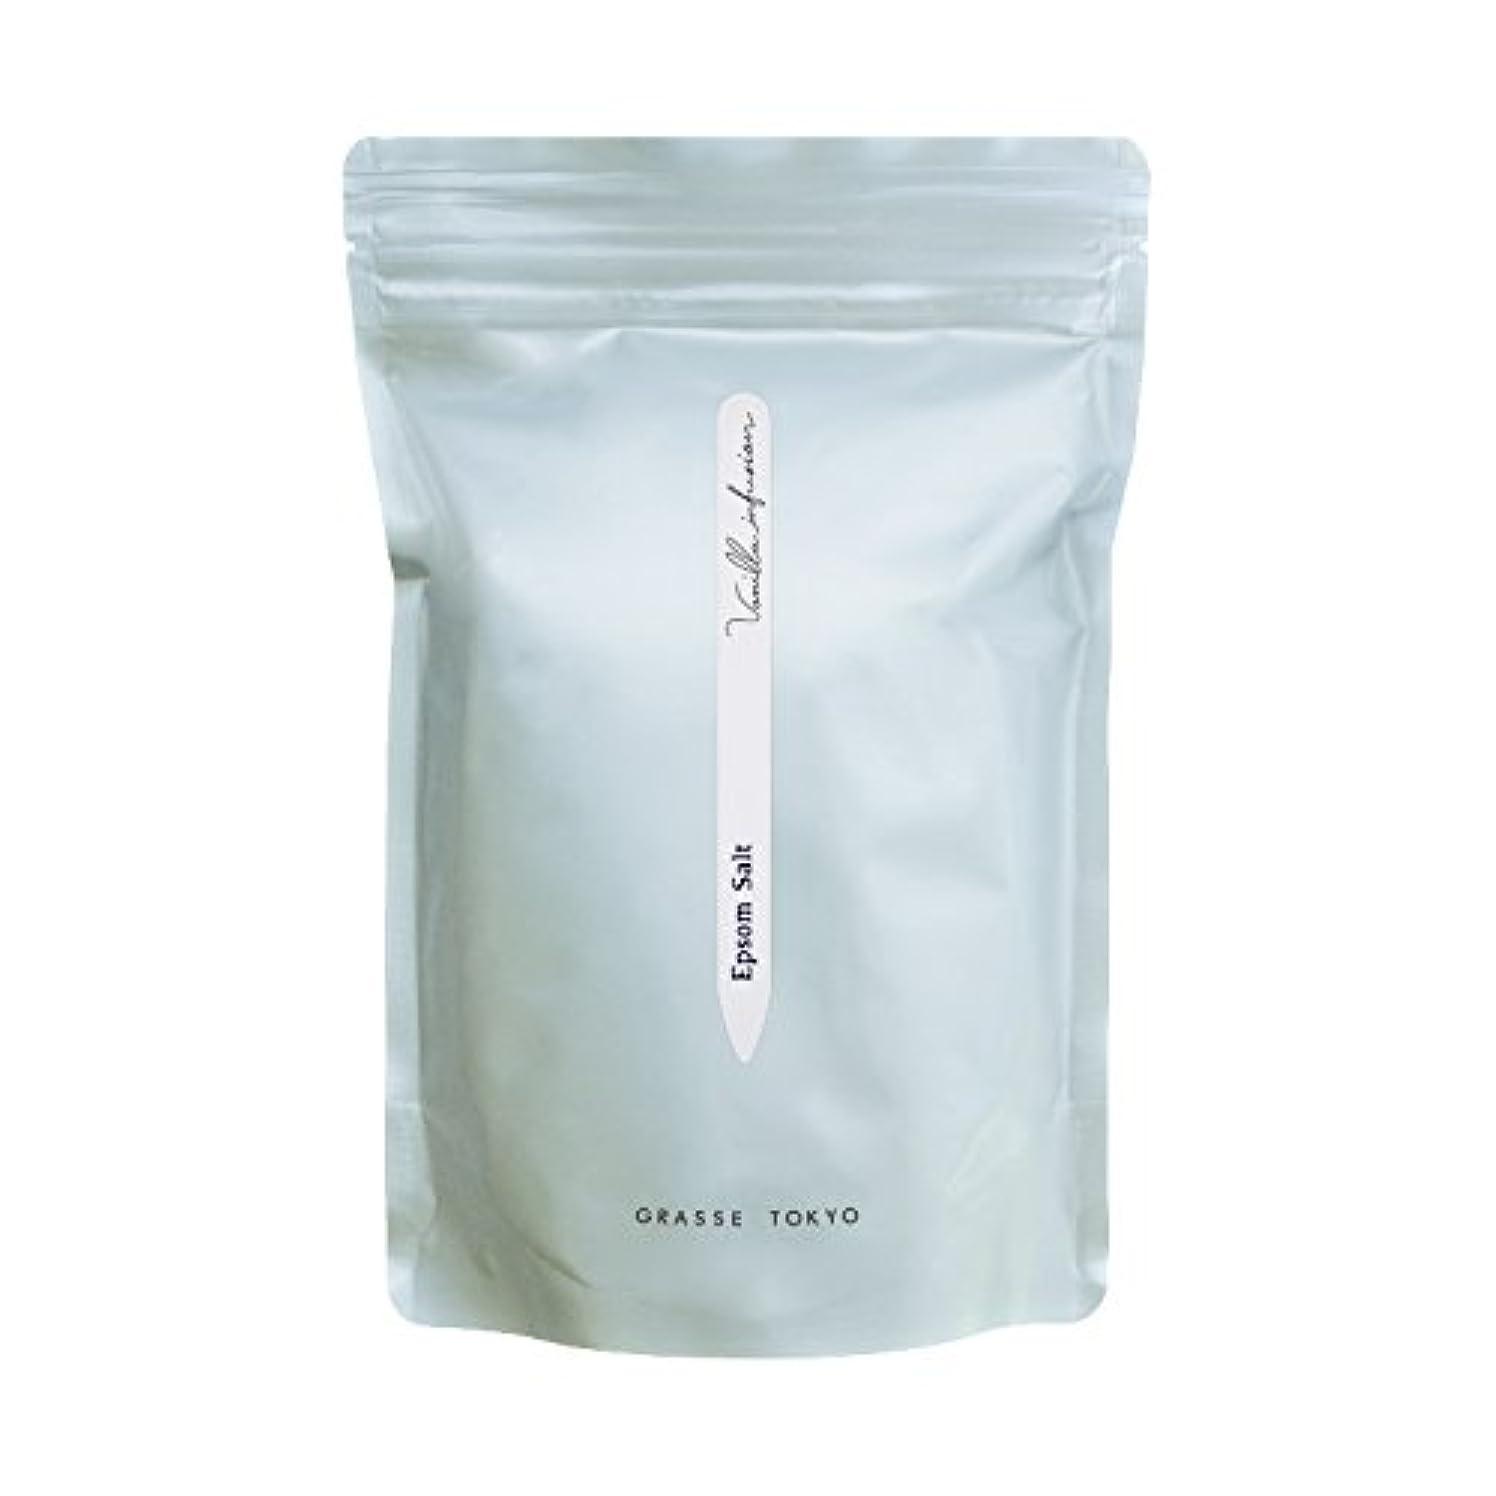 裏切り者配置ラッチグラーストウキョウ エプソムソルト(浴用、5回分ジップ袋) Vanilla infusion 750g